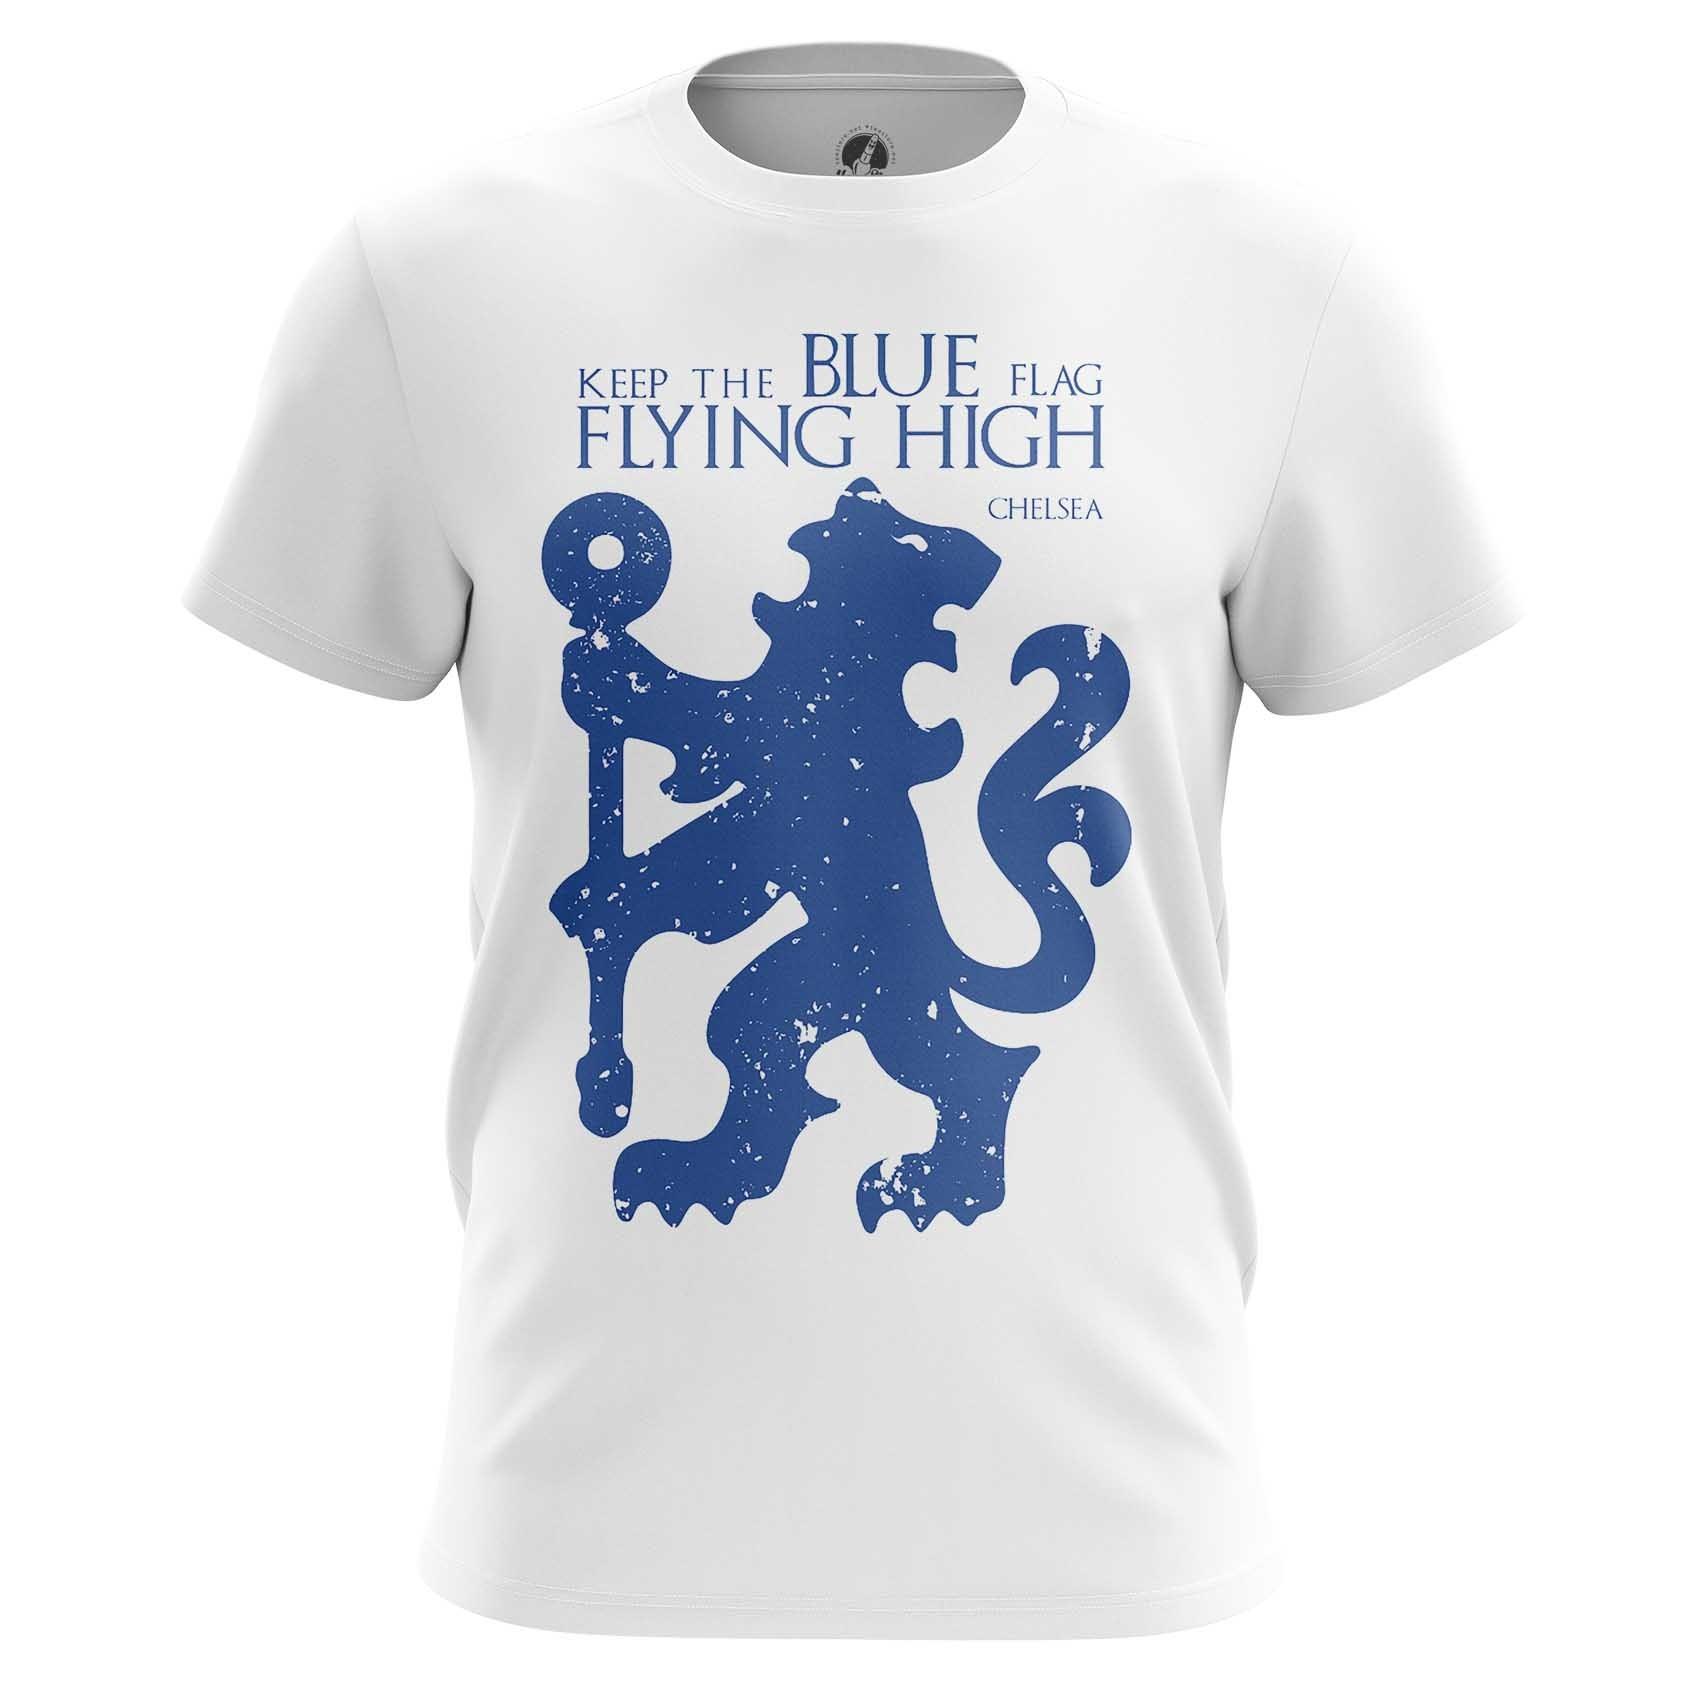 Collectibles Men'S T-Shirt Chelsea Fc Blue